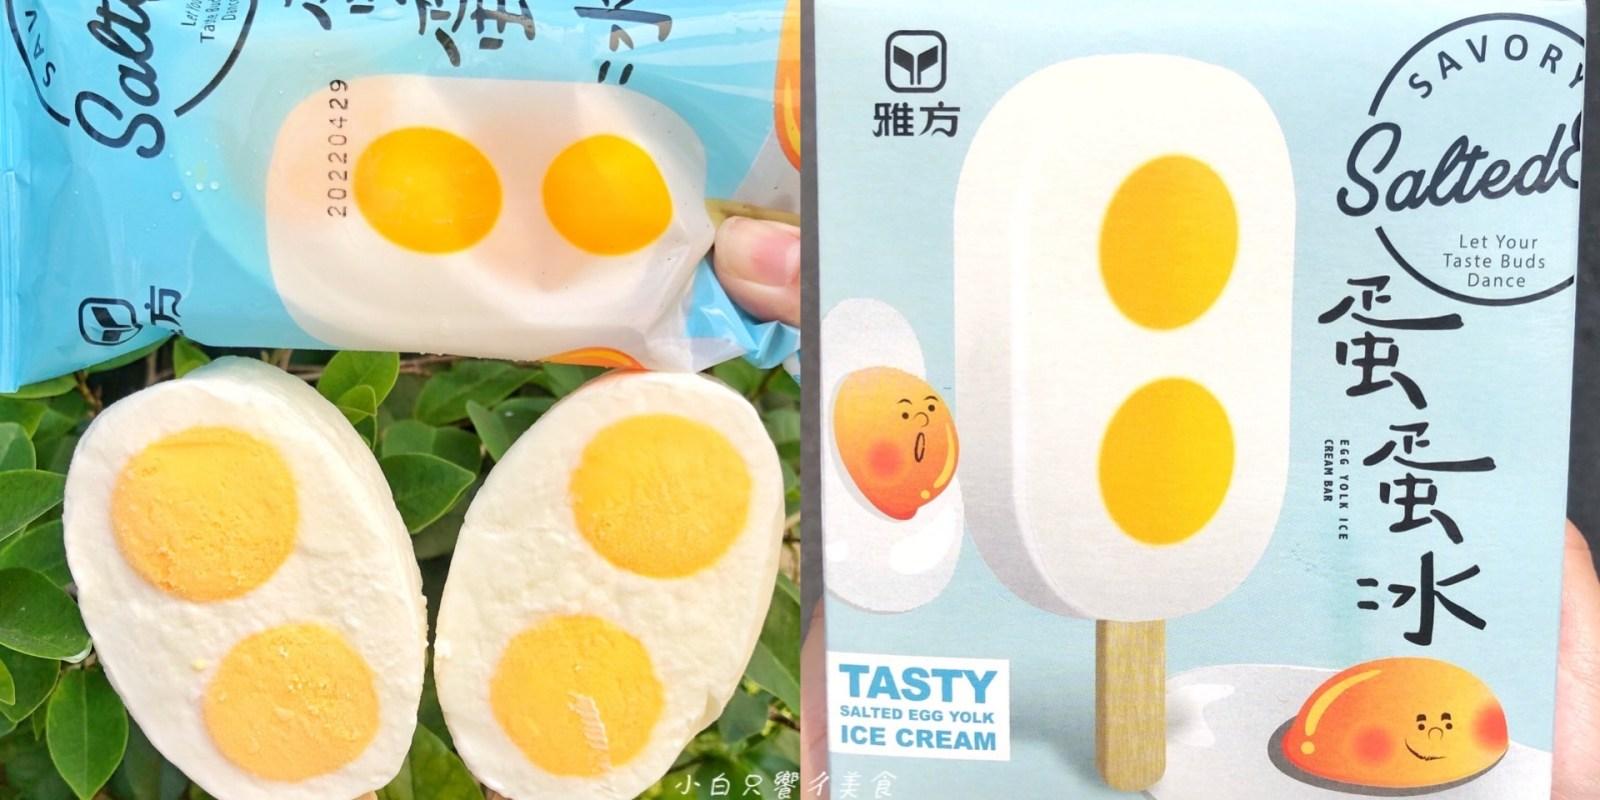 超萌雙蛋黃「雅方蛋蛋冰」乳酪牛奶×濃郁鹹蛋,5/8日開賣!全台只有這兩地方買得到